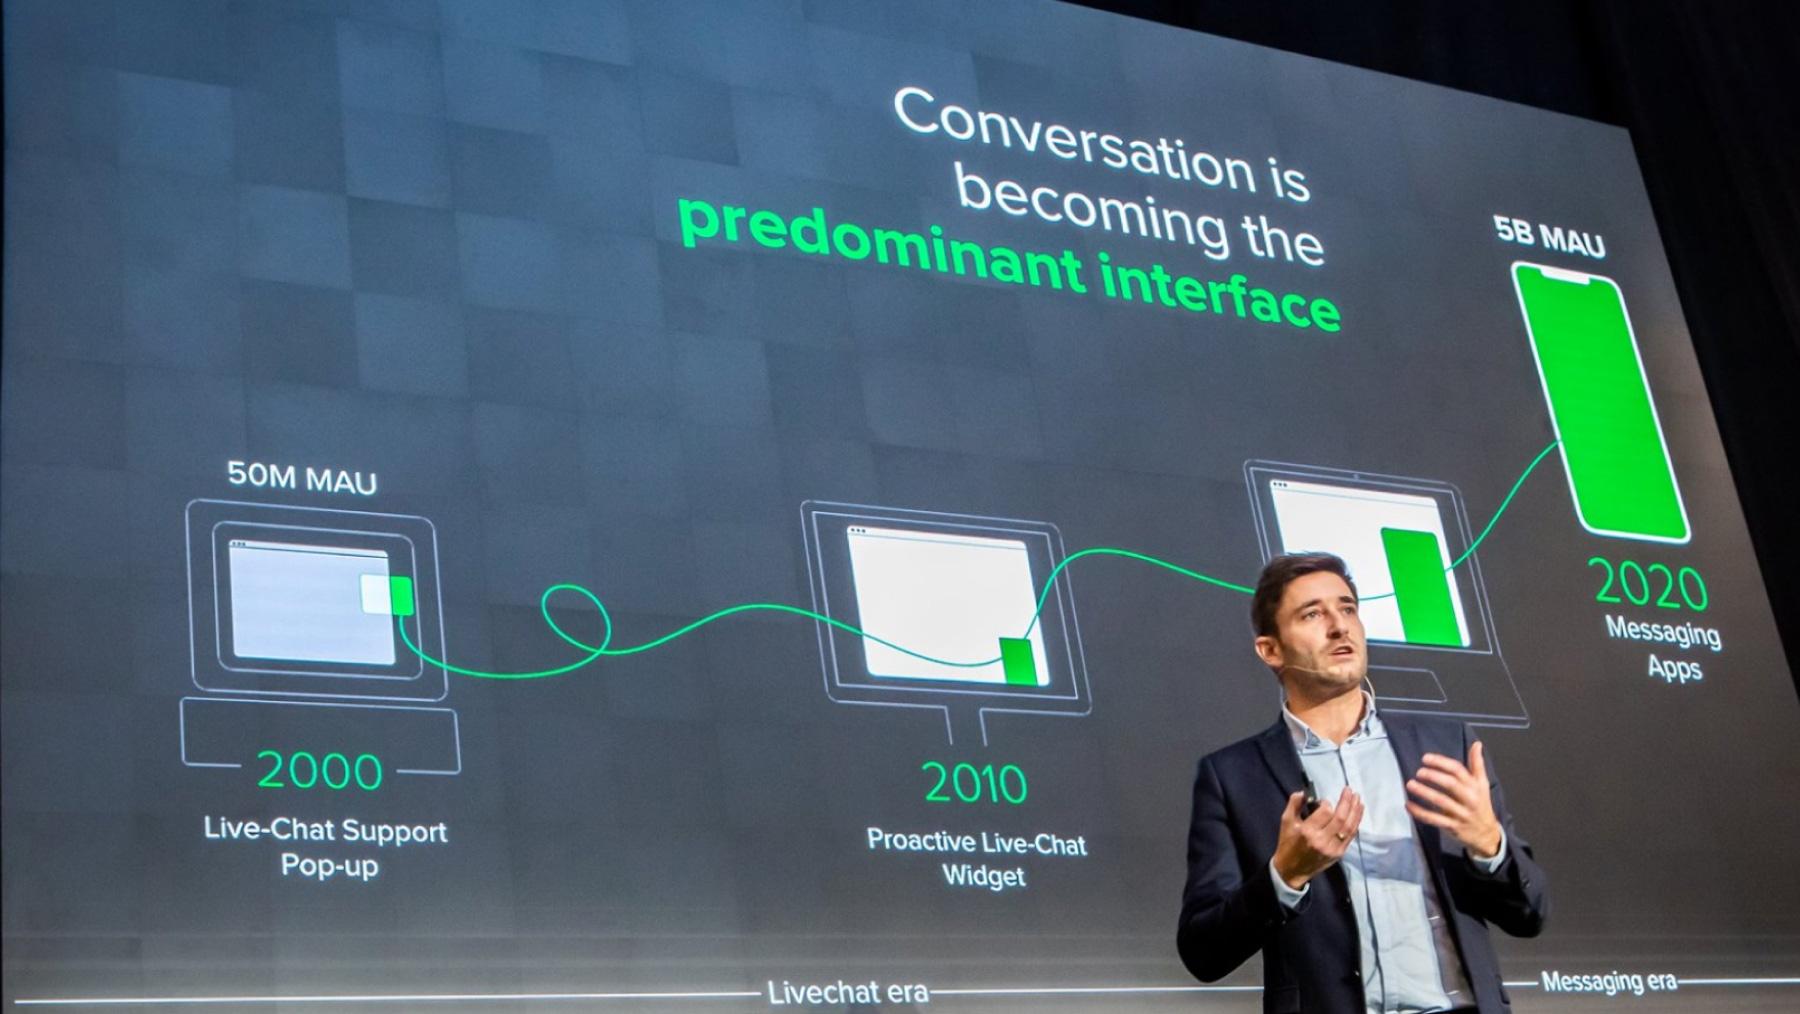 IAdvize CEO Conversation 2020 Conversational platform messaging